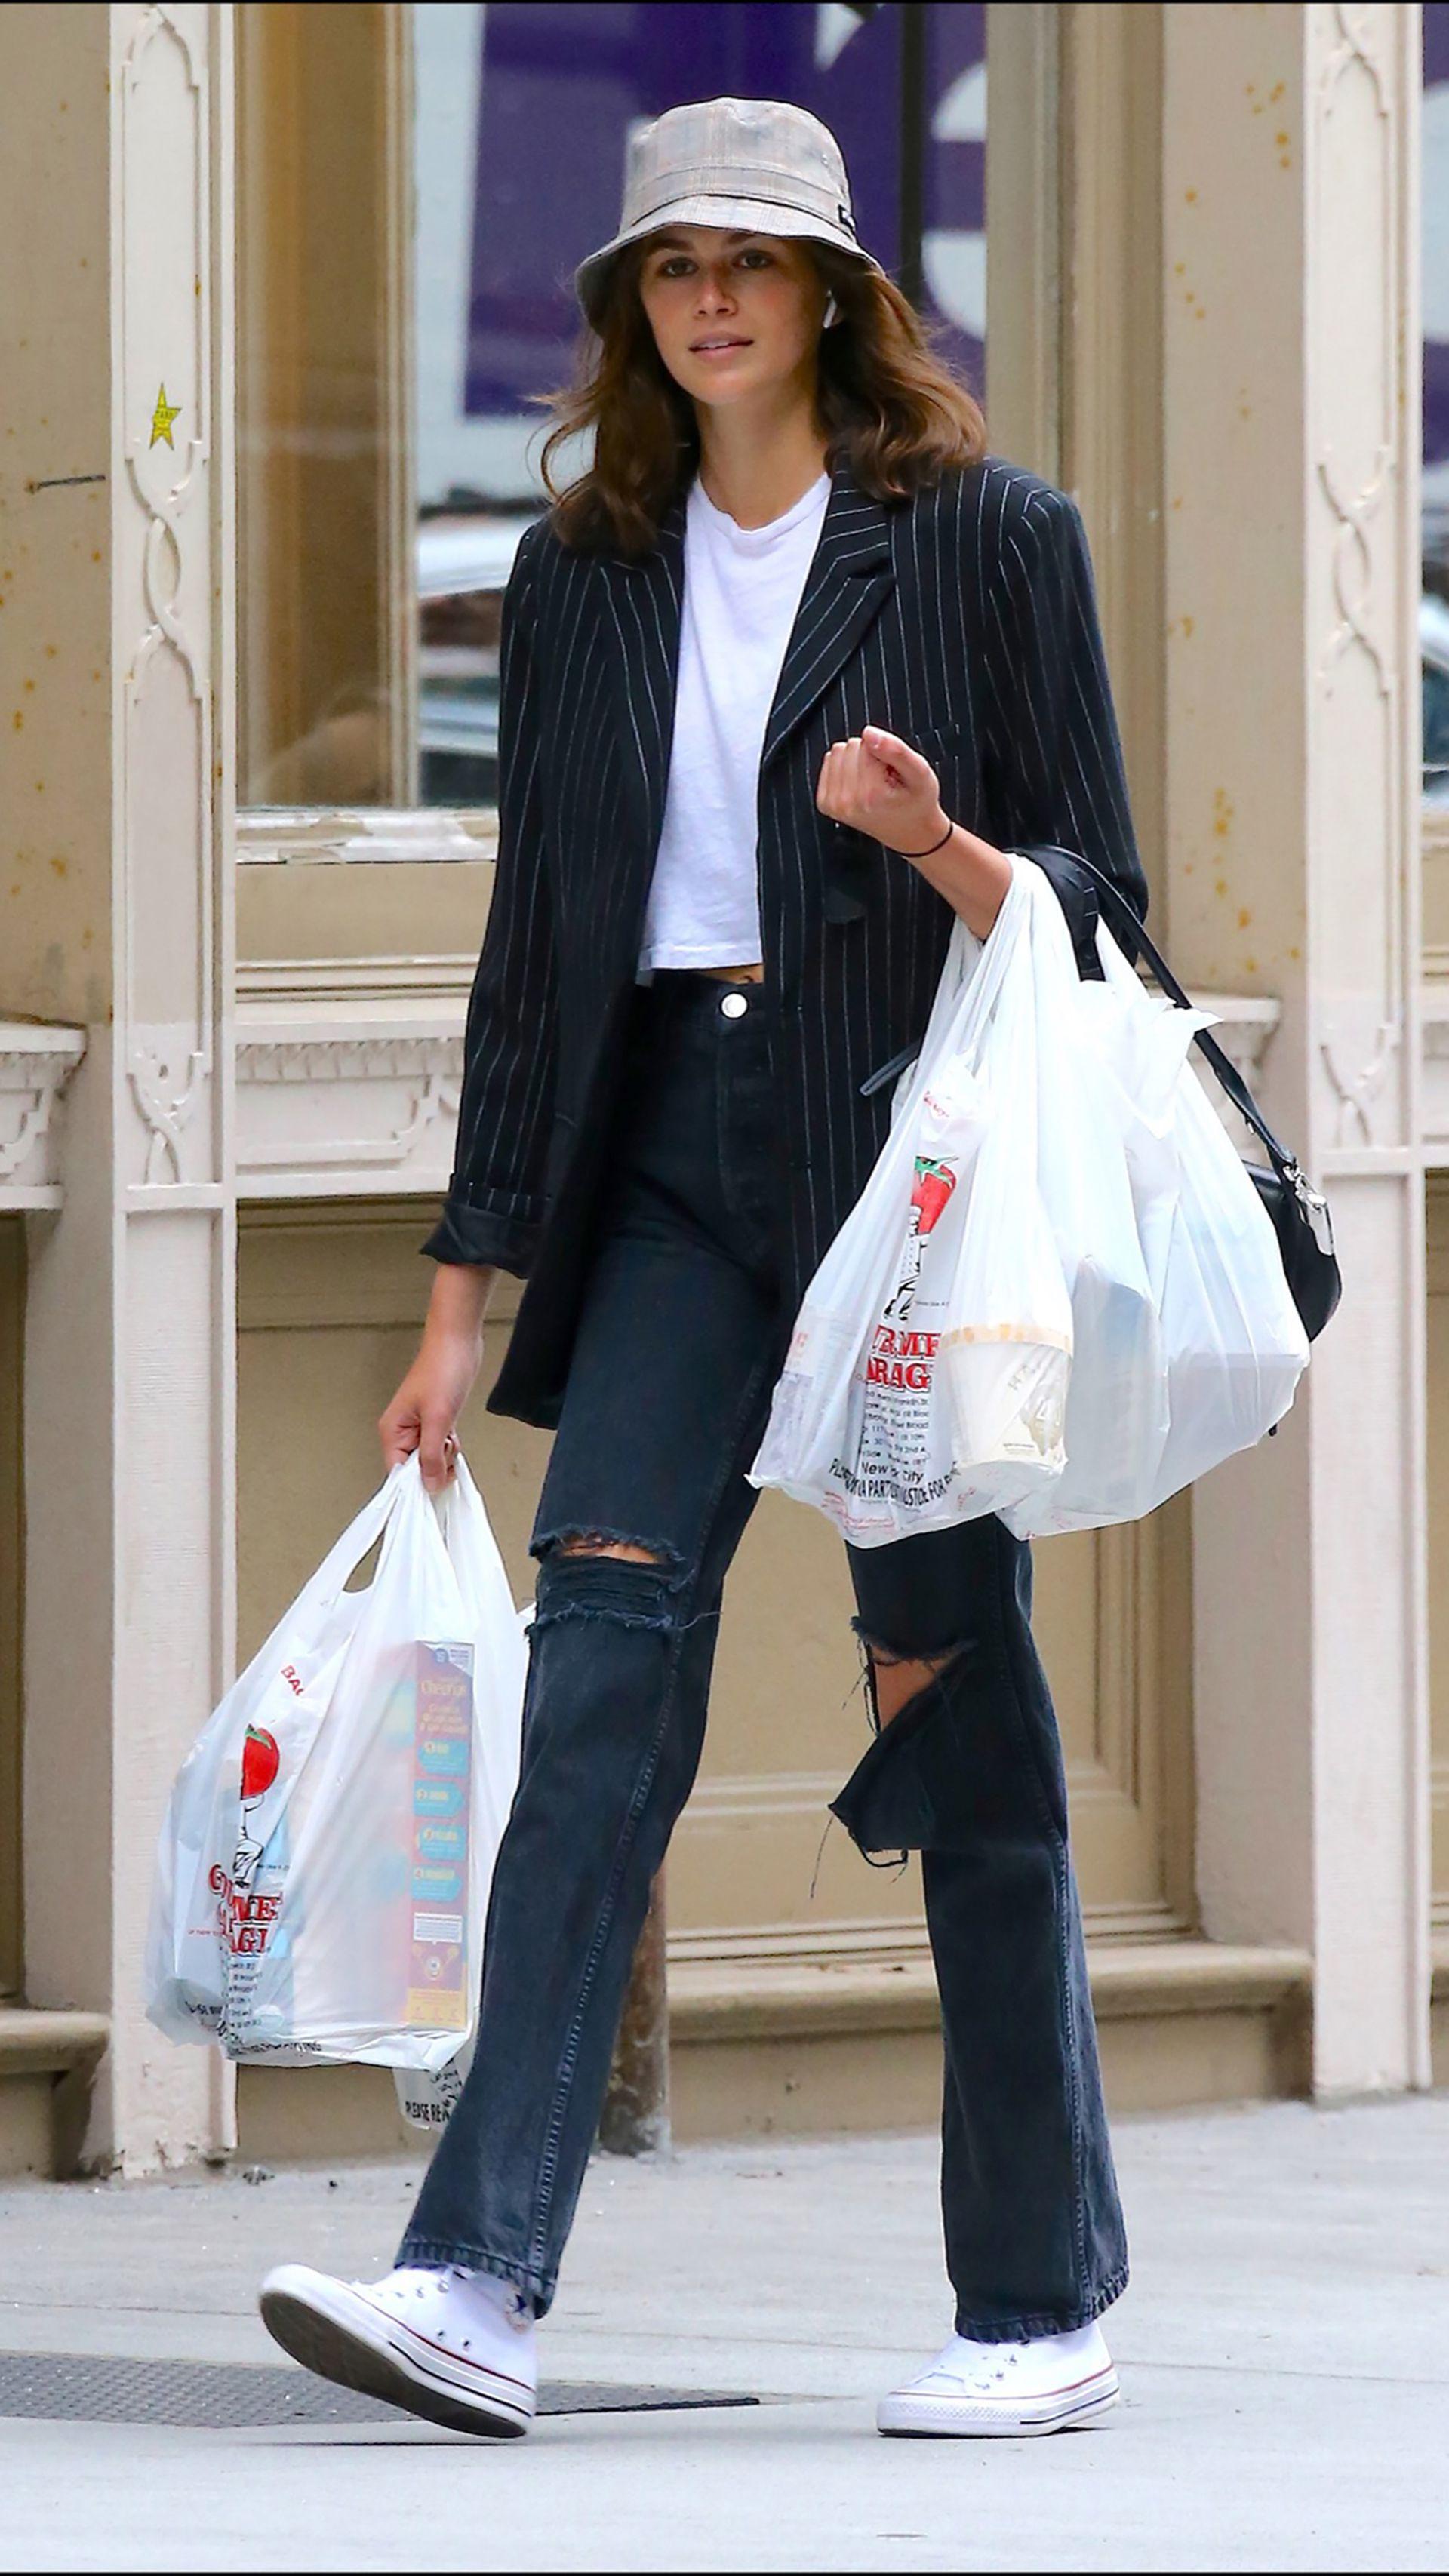 La modelo se vistió con un look muy parisino.